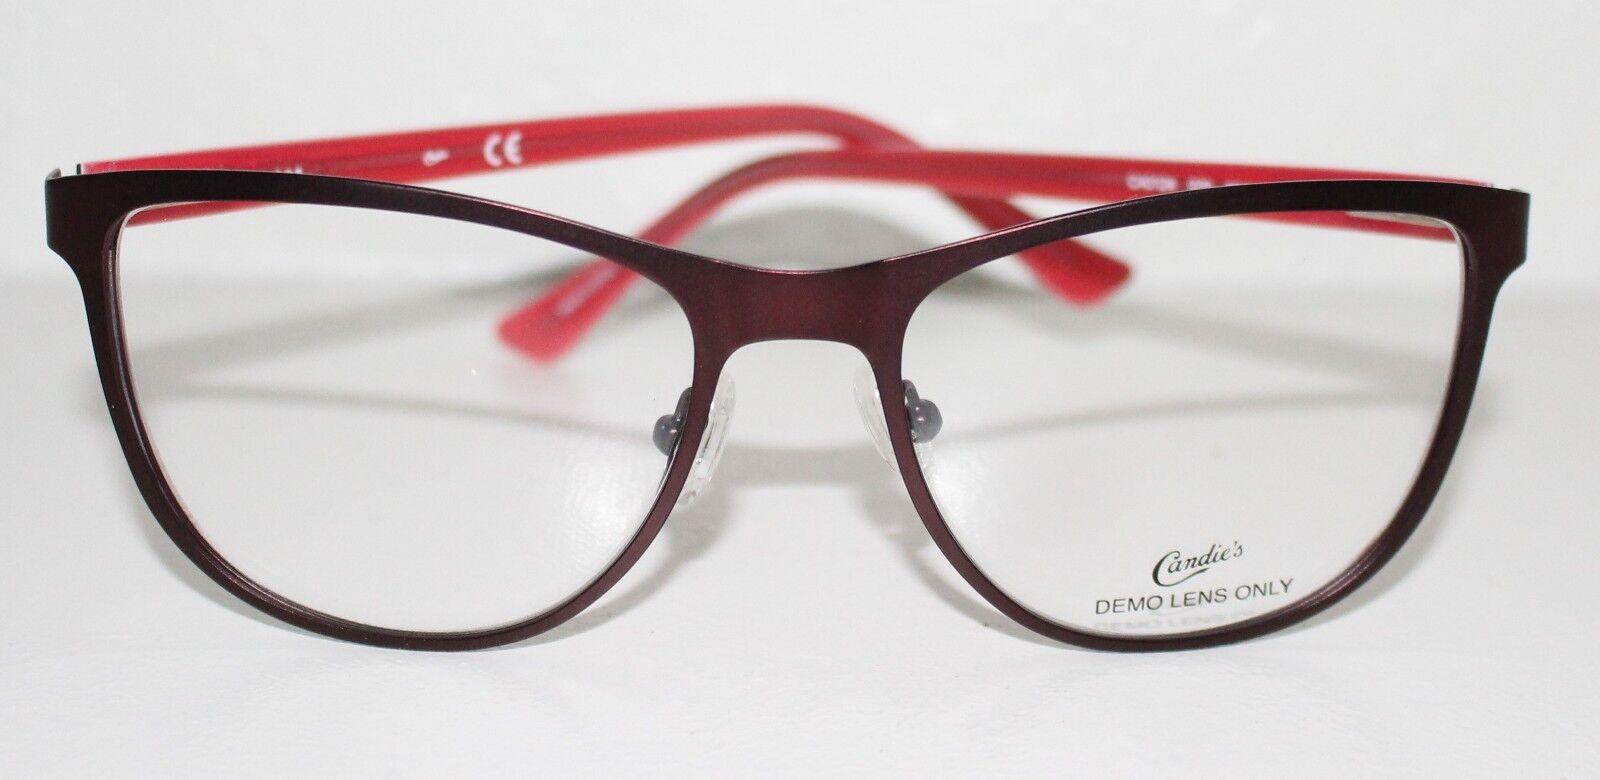 dbc1ce92c396 Buy Candies CA0124 070 Matte Bordeaux DESIGNER Optical Eyeglass ...